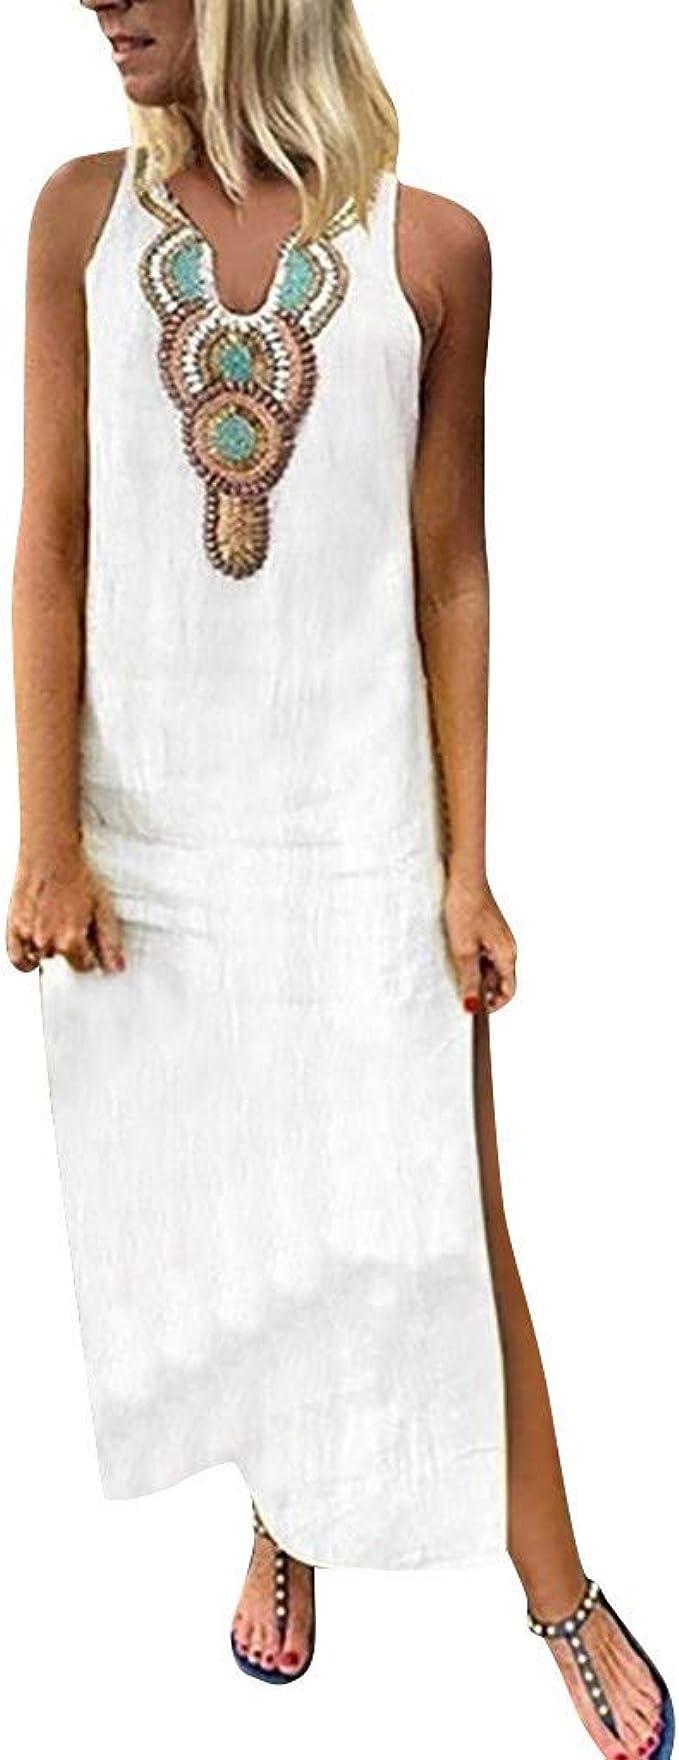 Sannysis Damen Maxikleider Elegantes Armelloses Kleider Sommer Turkischer Stil Boho Strandponcho Maxi Kimono Kaftan Tunika Casual Langes Leinenkleid Amazon De Bekleidung